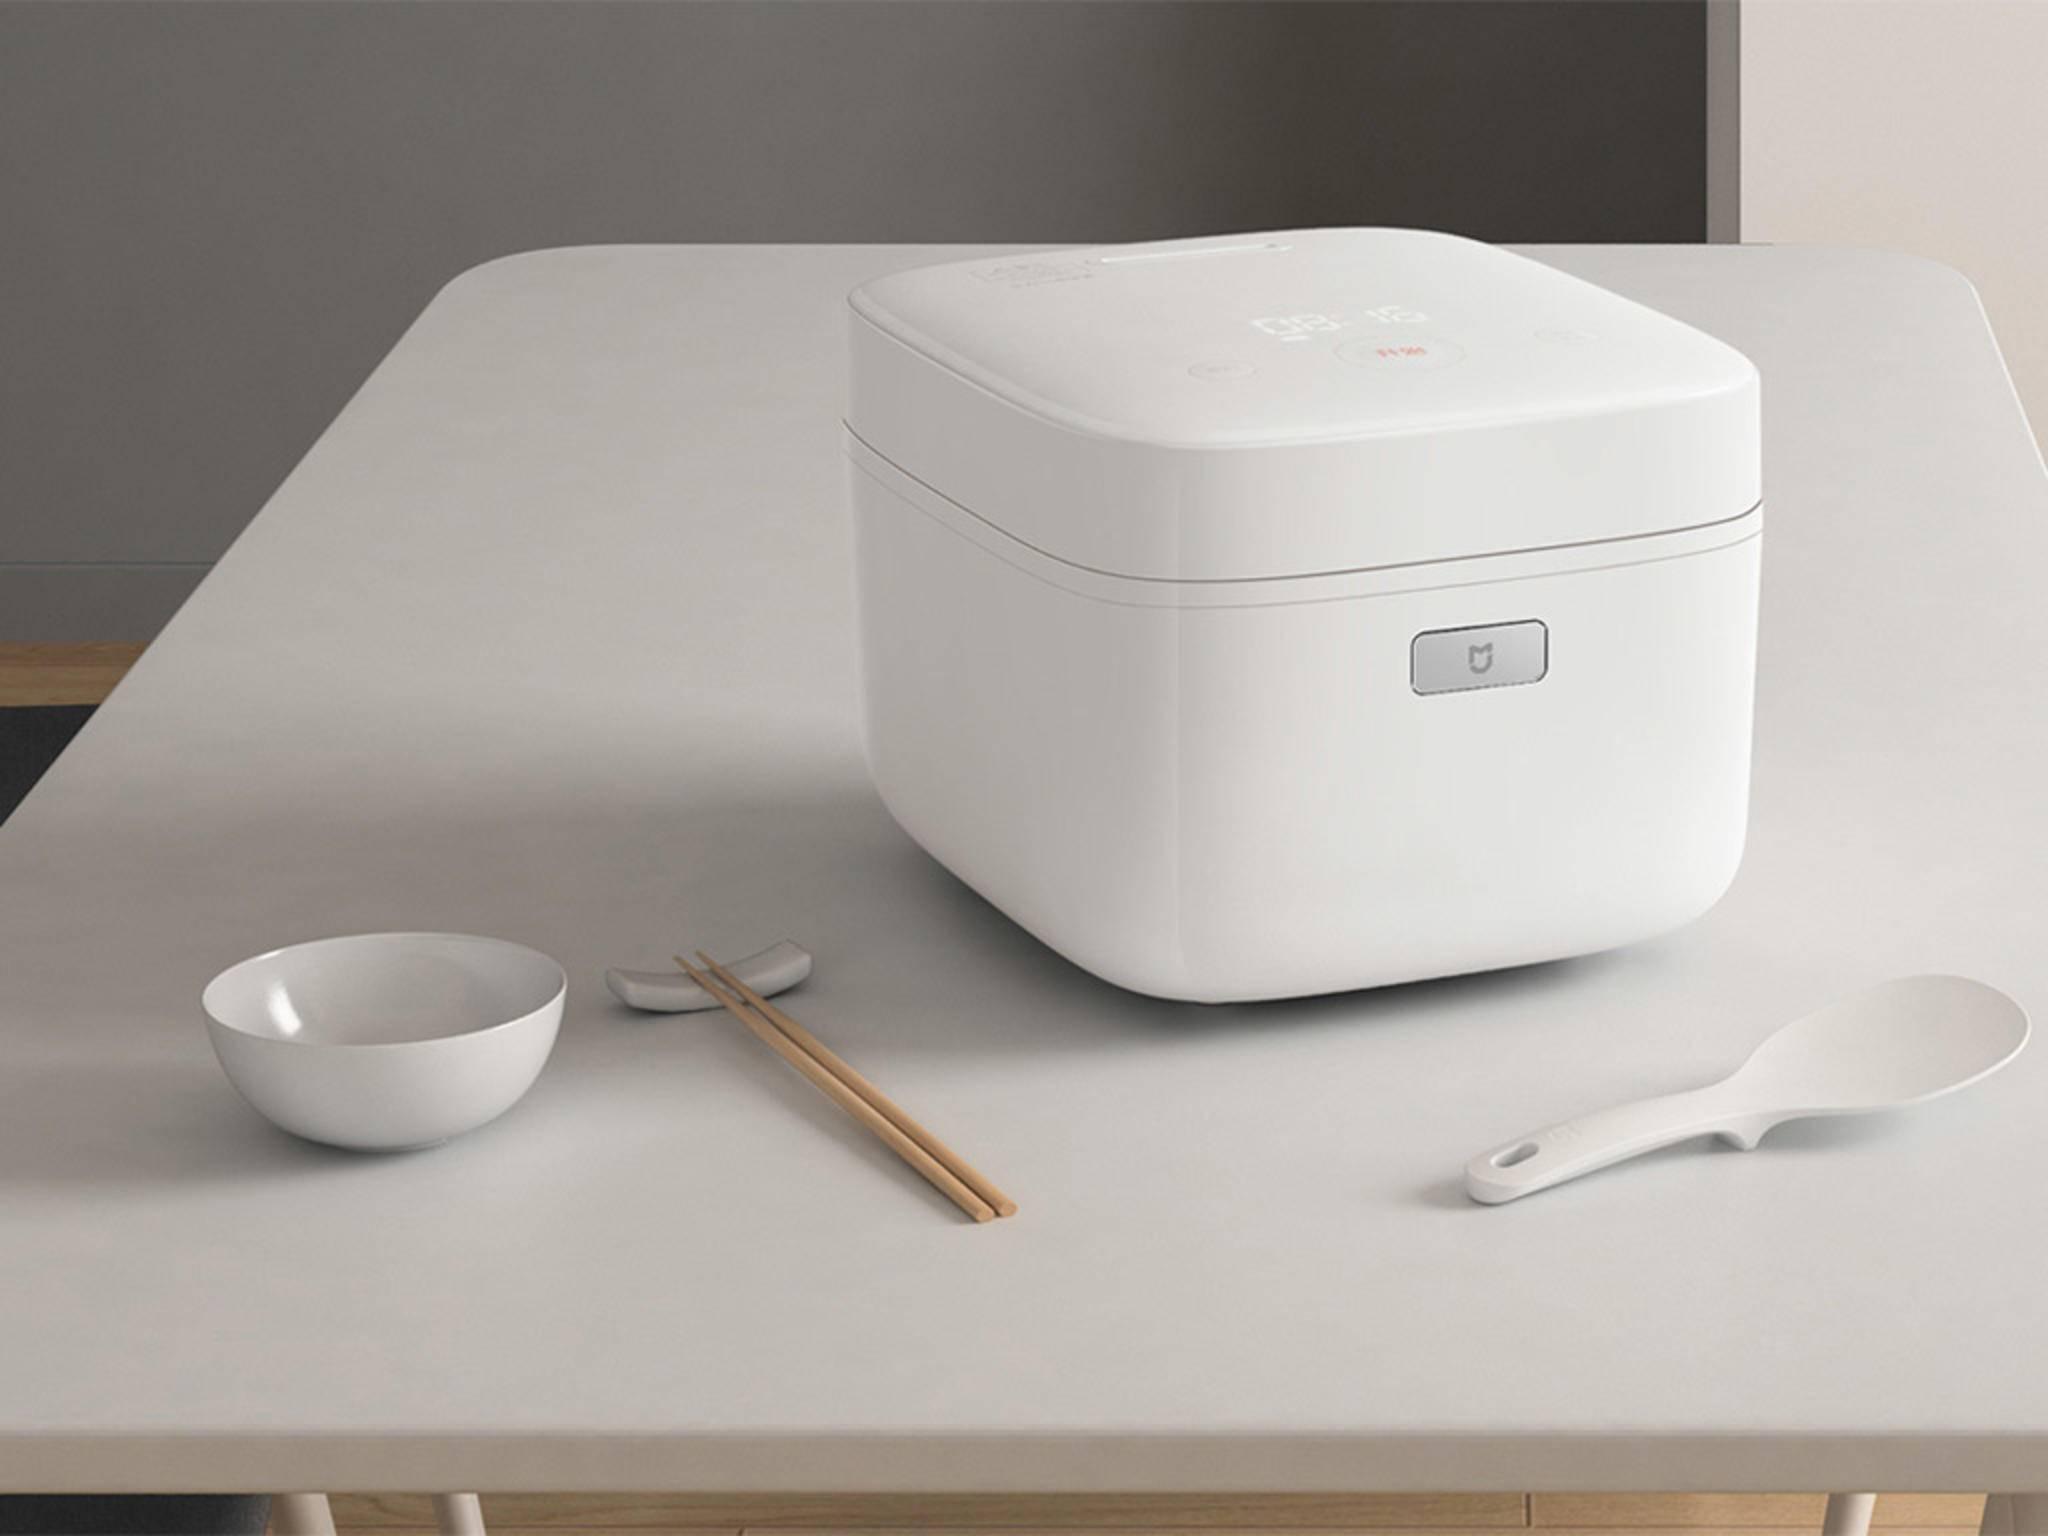 Der smarte Reiskocher von Xiaomi verspricht ein optimales Kochergebnis.